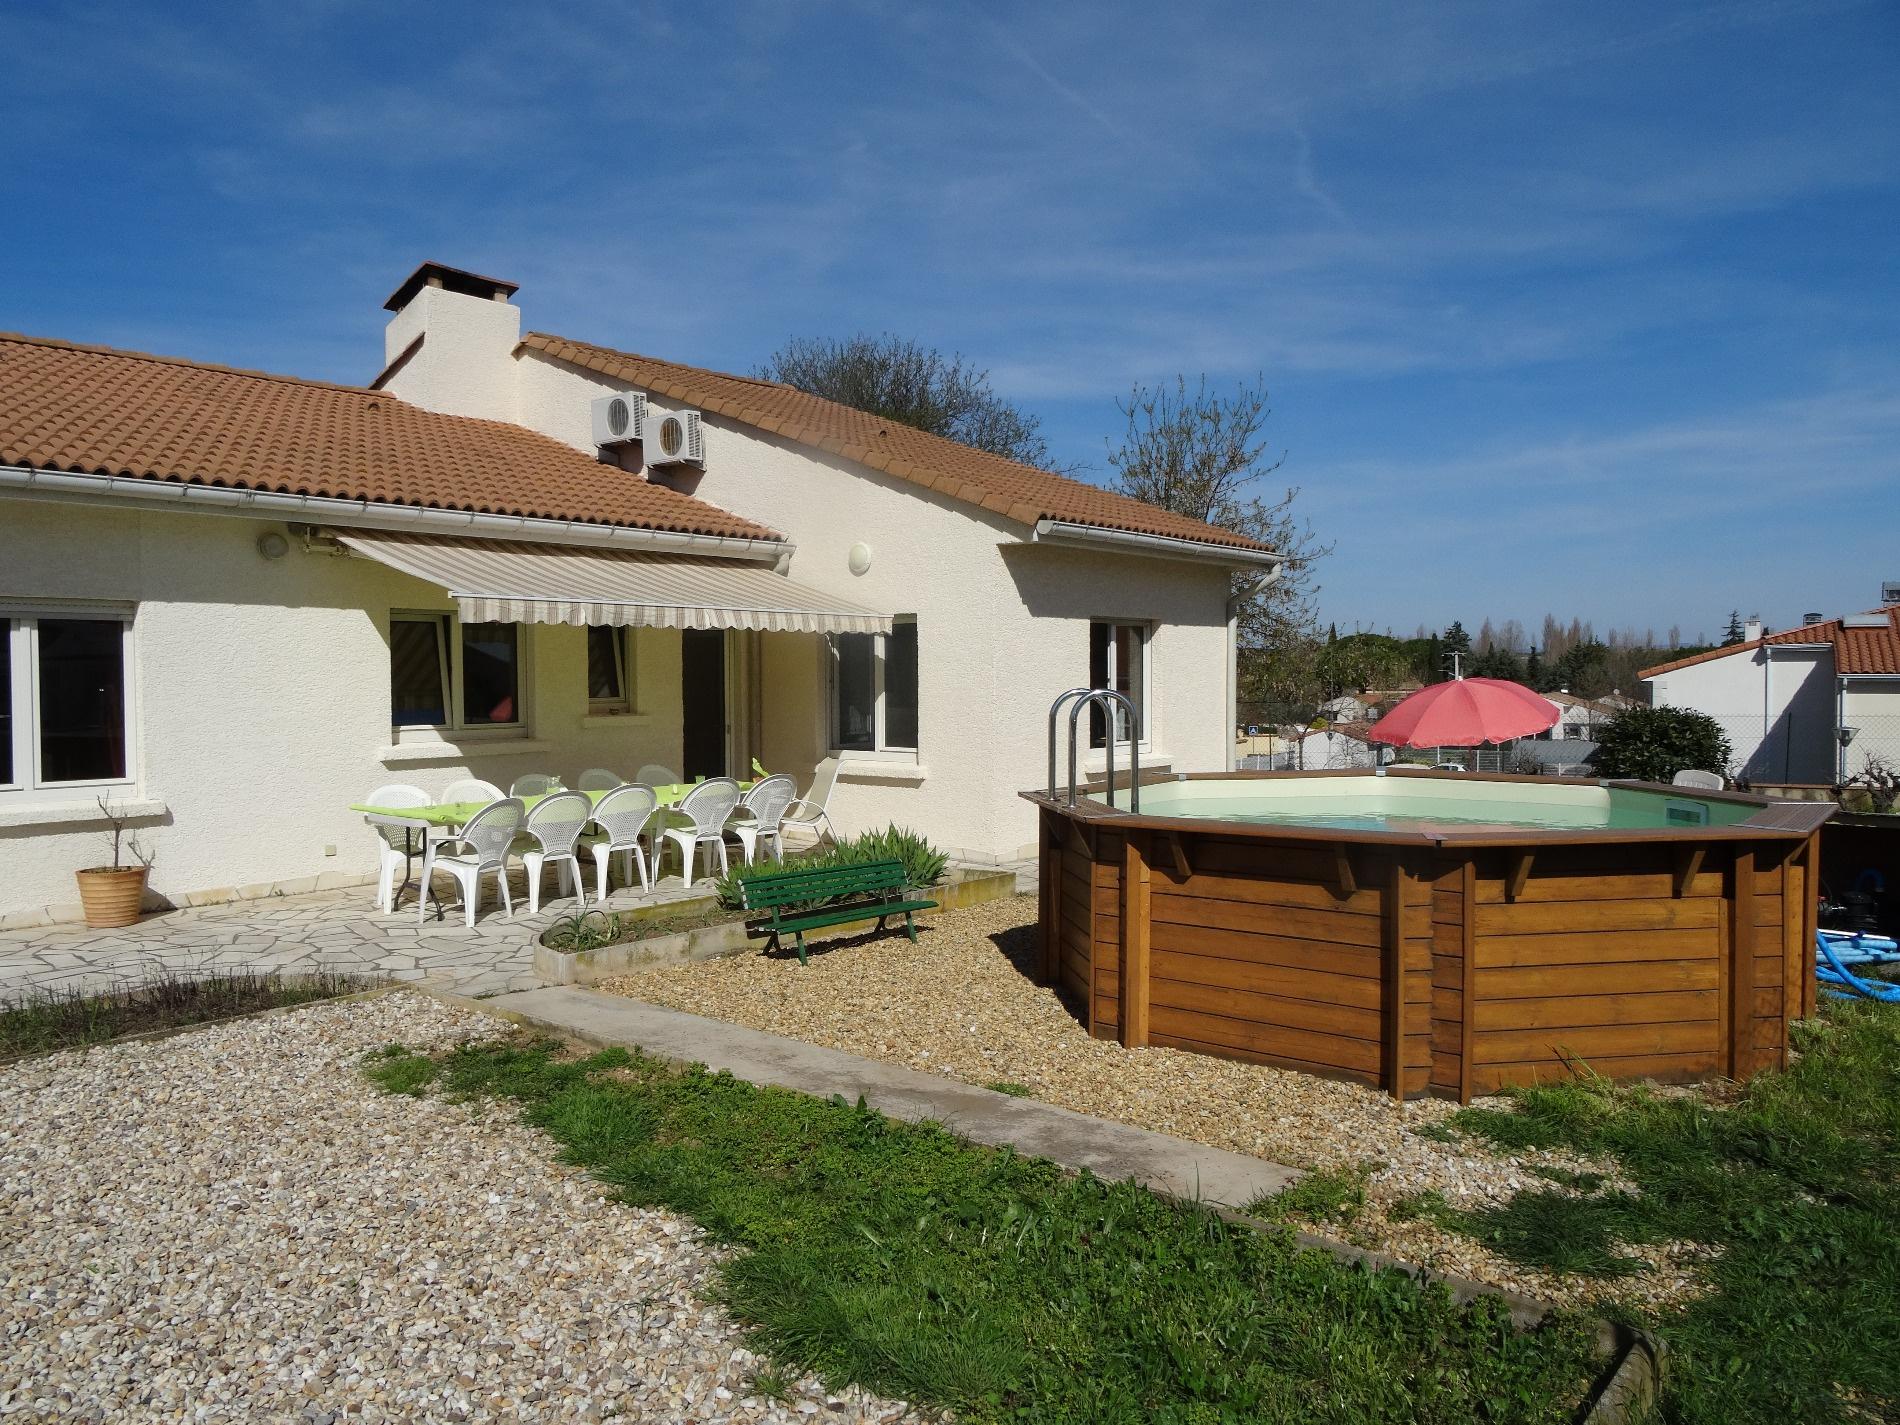 Location de vacances Villa Montblanc (34290)